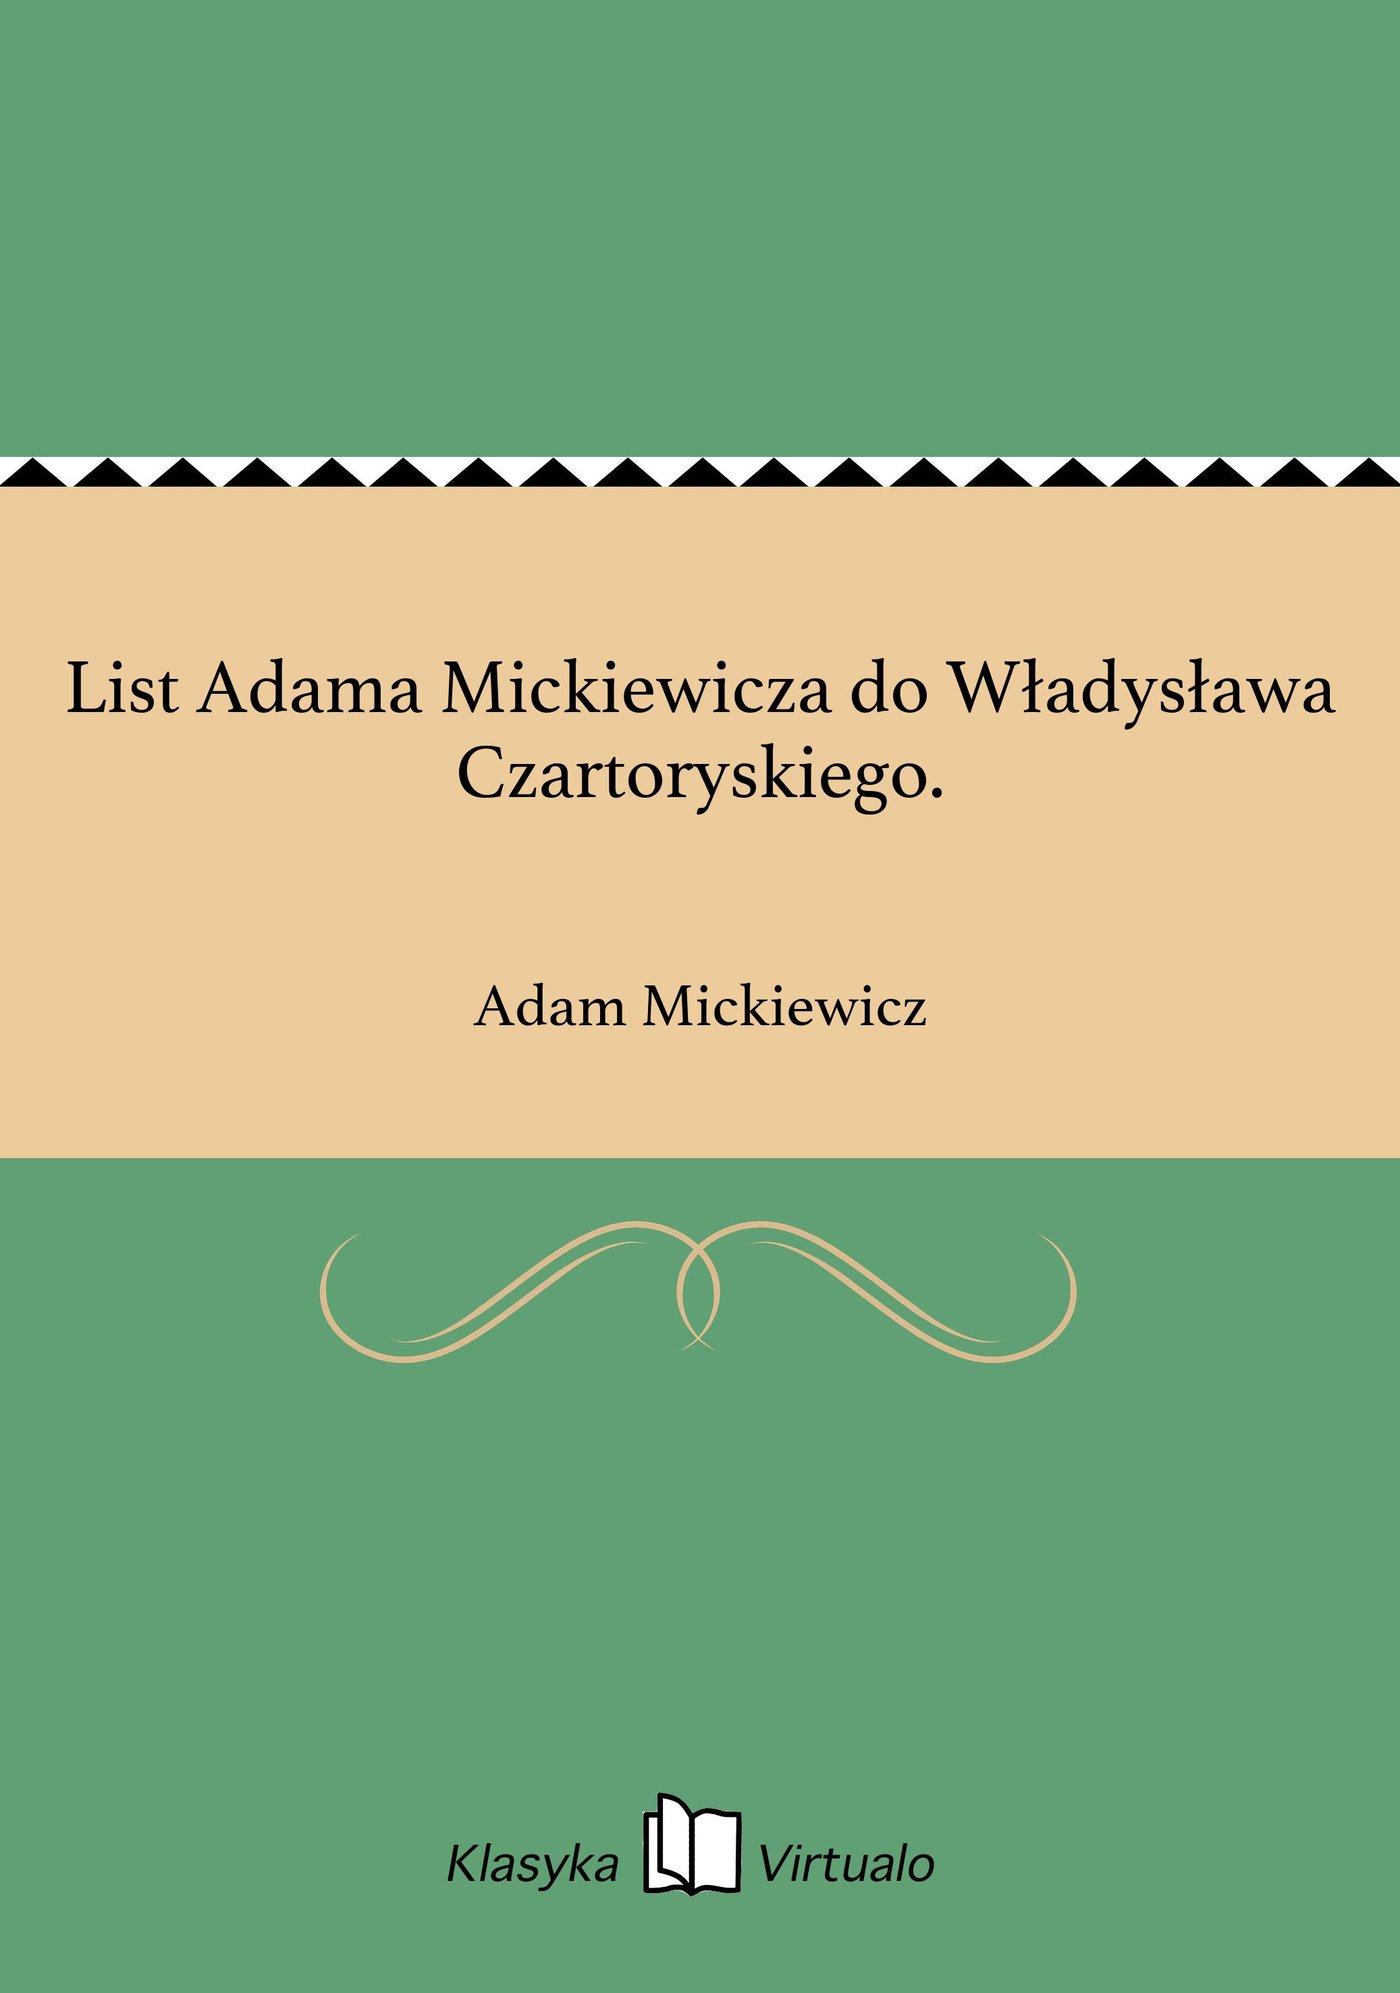 List Adama Mickiewicza do Władysława Czartoryskiego. - Ebook (Książka EPUB) do pobrania w formacie EPUB